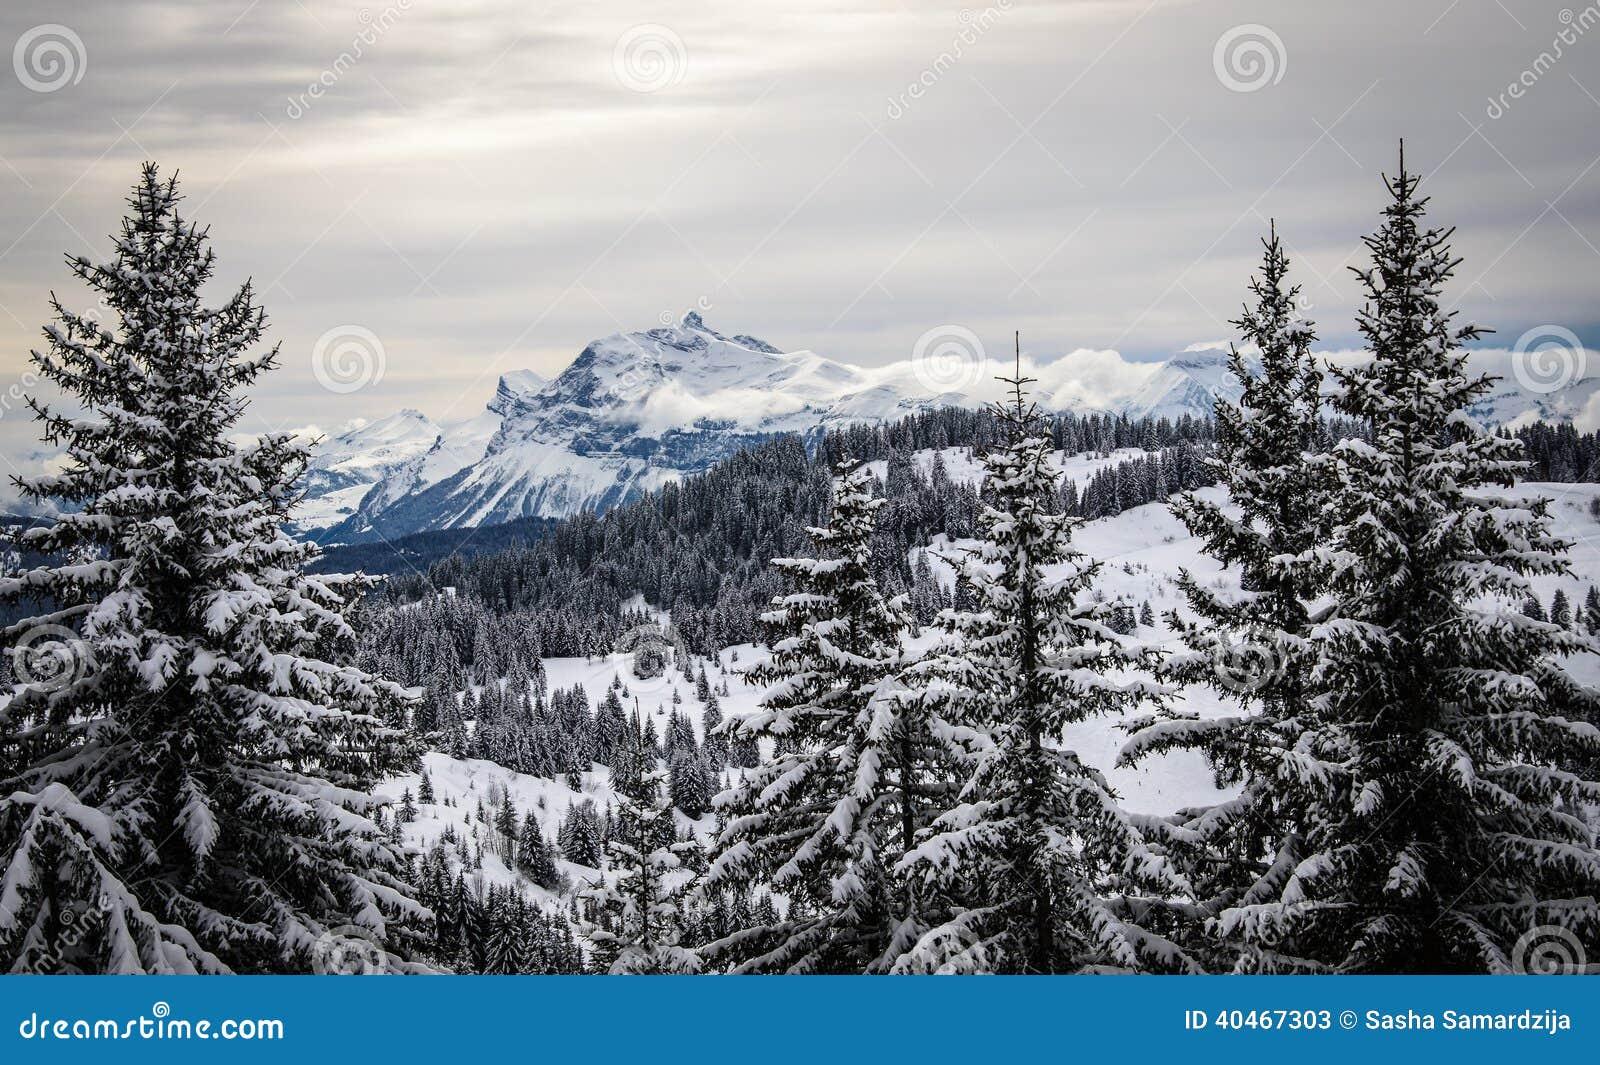 paysage de montagne avec des arbres de christmass couverts de neige photo stock image 40467303. Black Bedroom Furniture Sets. Home Design Ideas